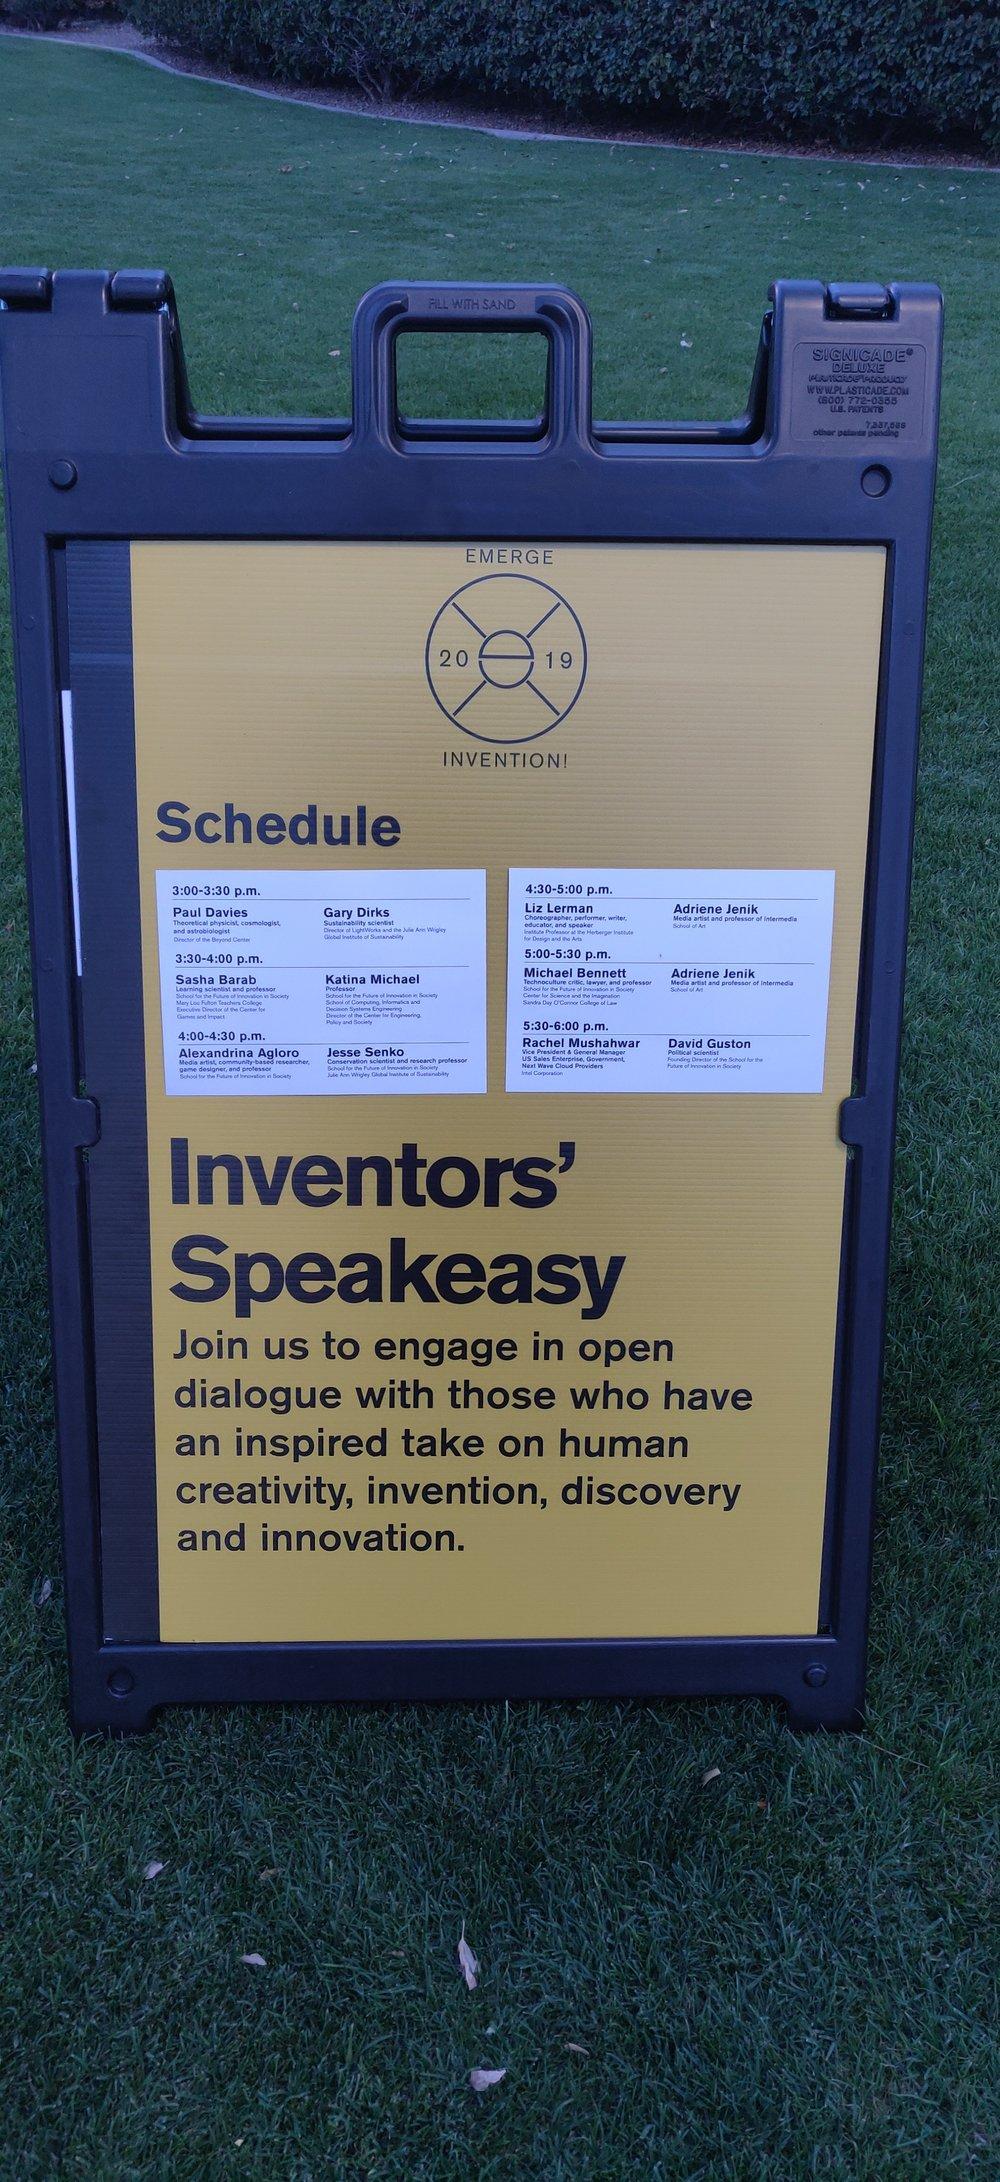 Inventors' Speakeasy